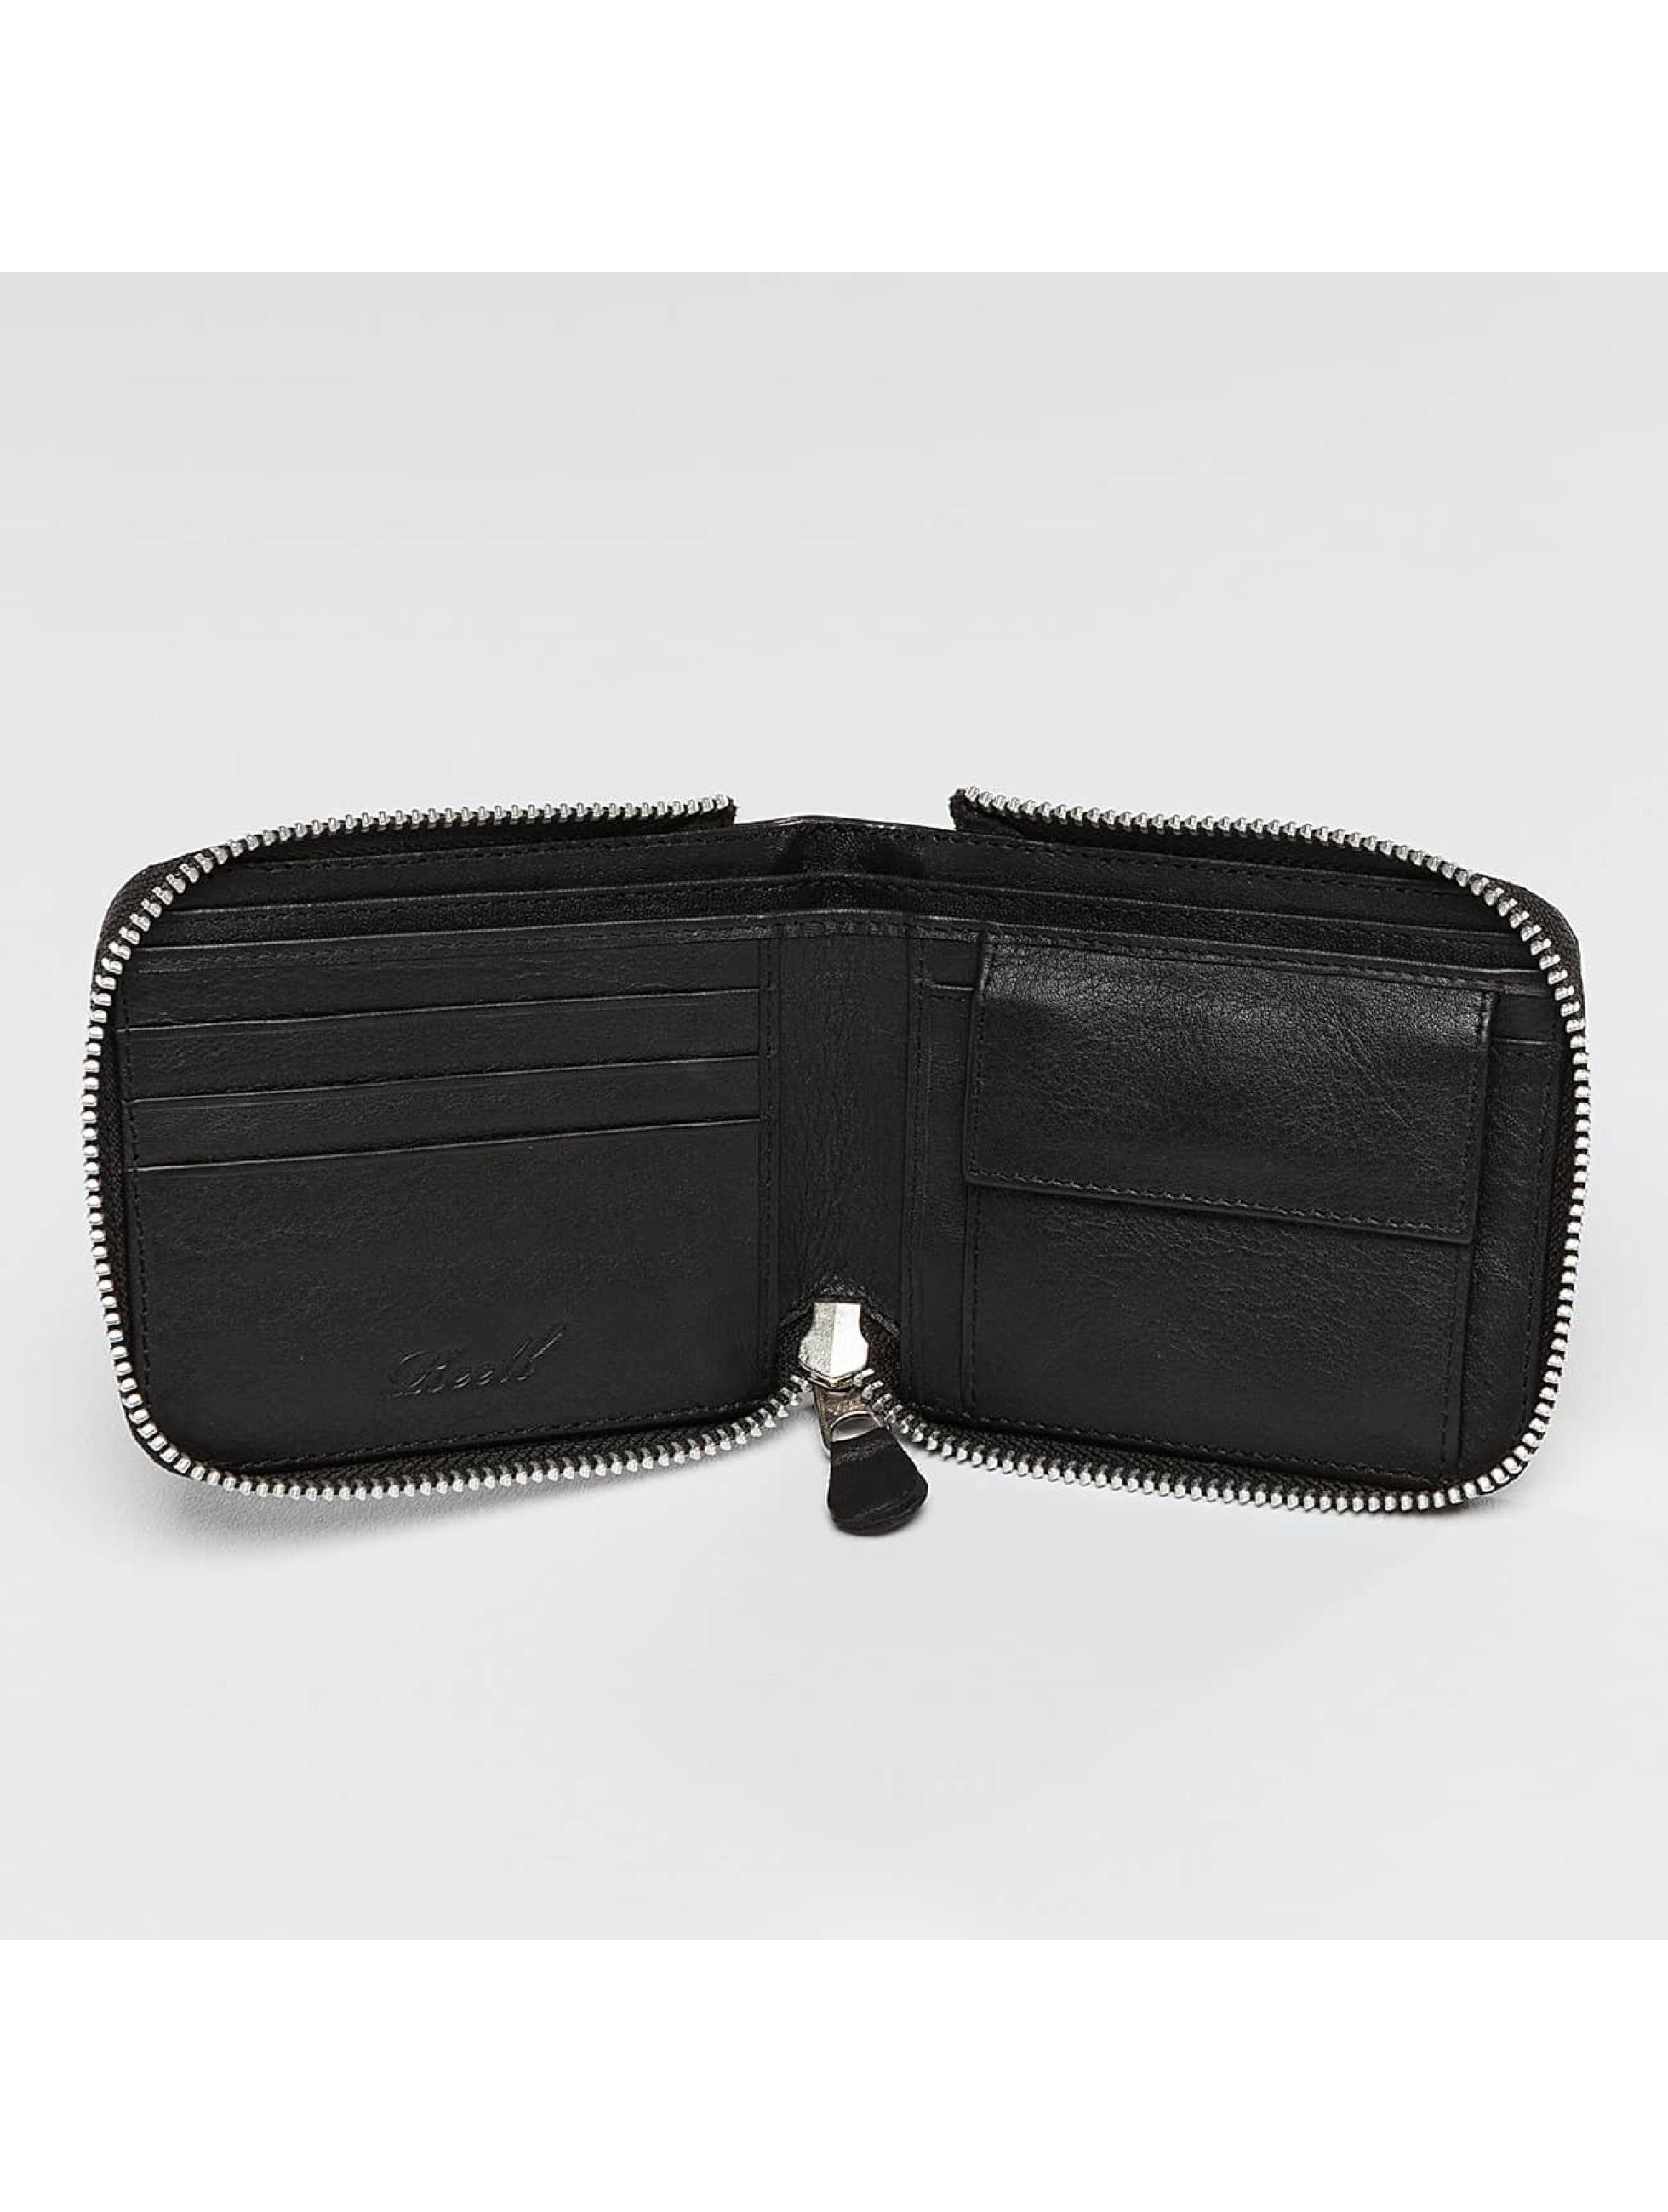 Reell-Jeans-Uomini-Accessori-Portamonete-Zip-Leather